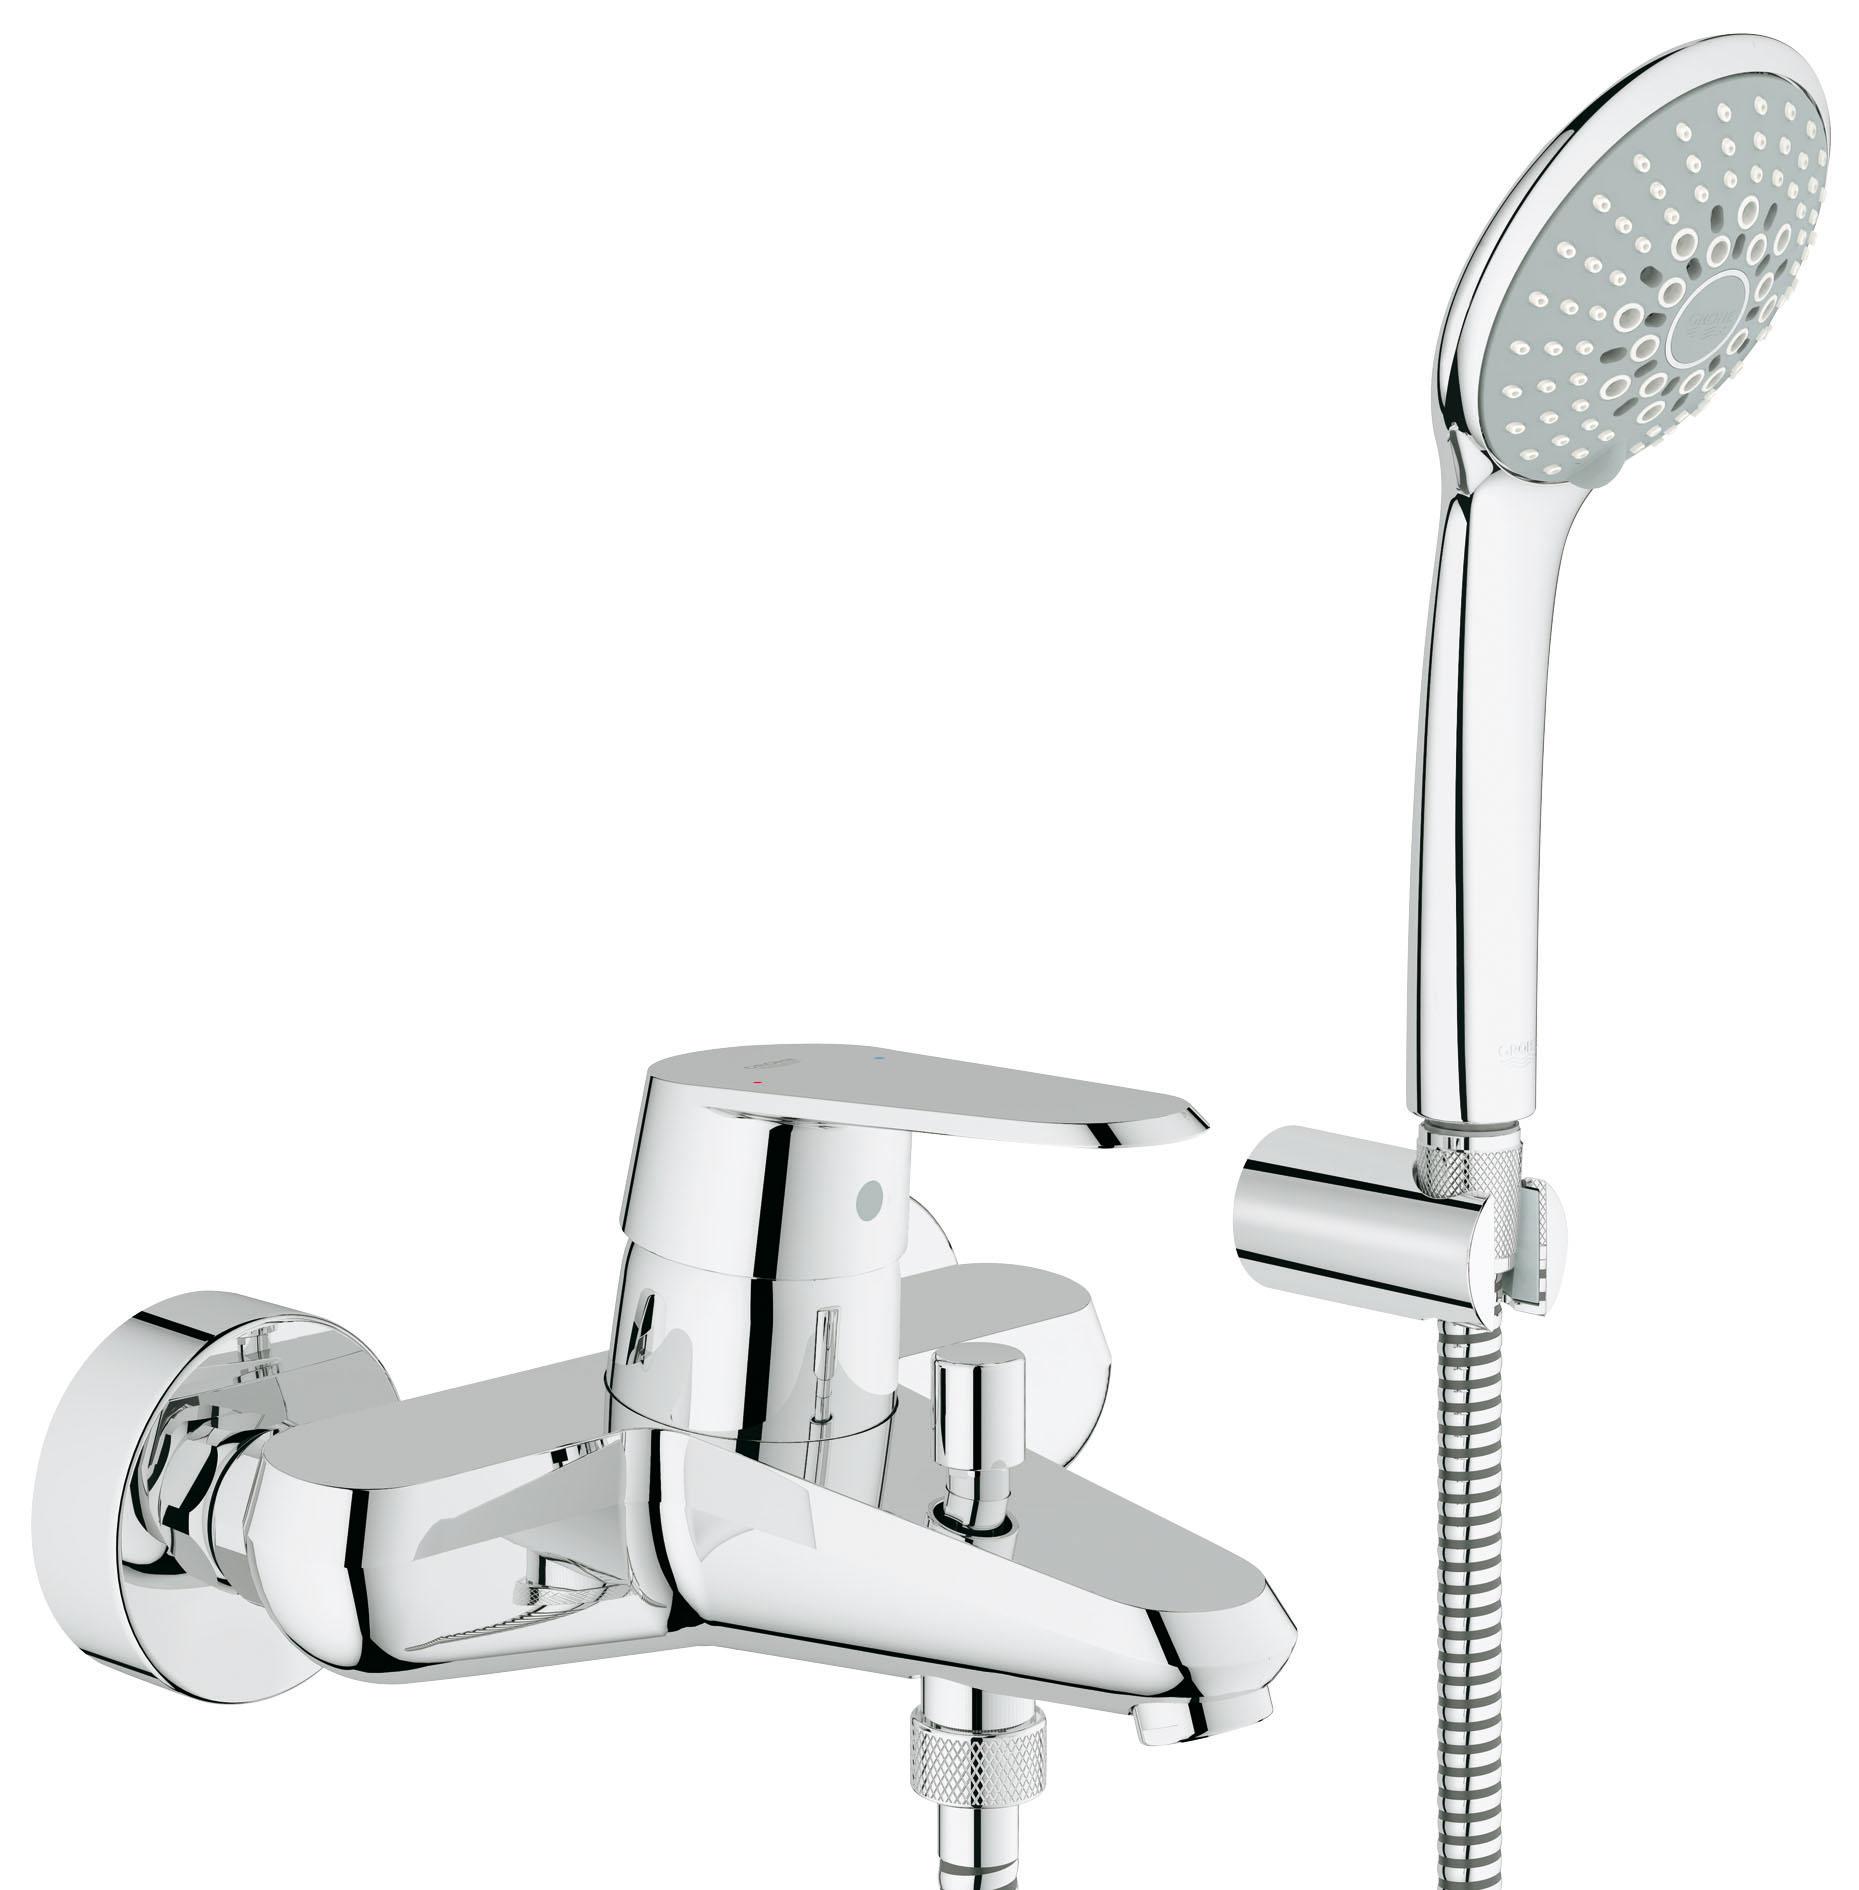 Смеситель для ванны Grohe Eurodisc cosmopolitan 33395002 grohe eurodisc cosmopolitan 19574002 на борт ванны